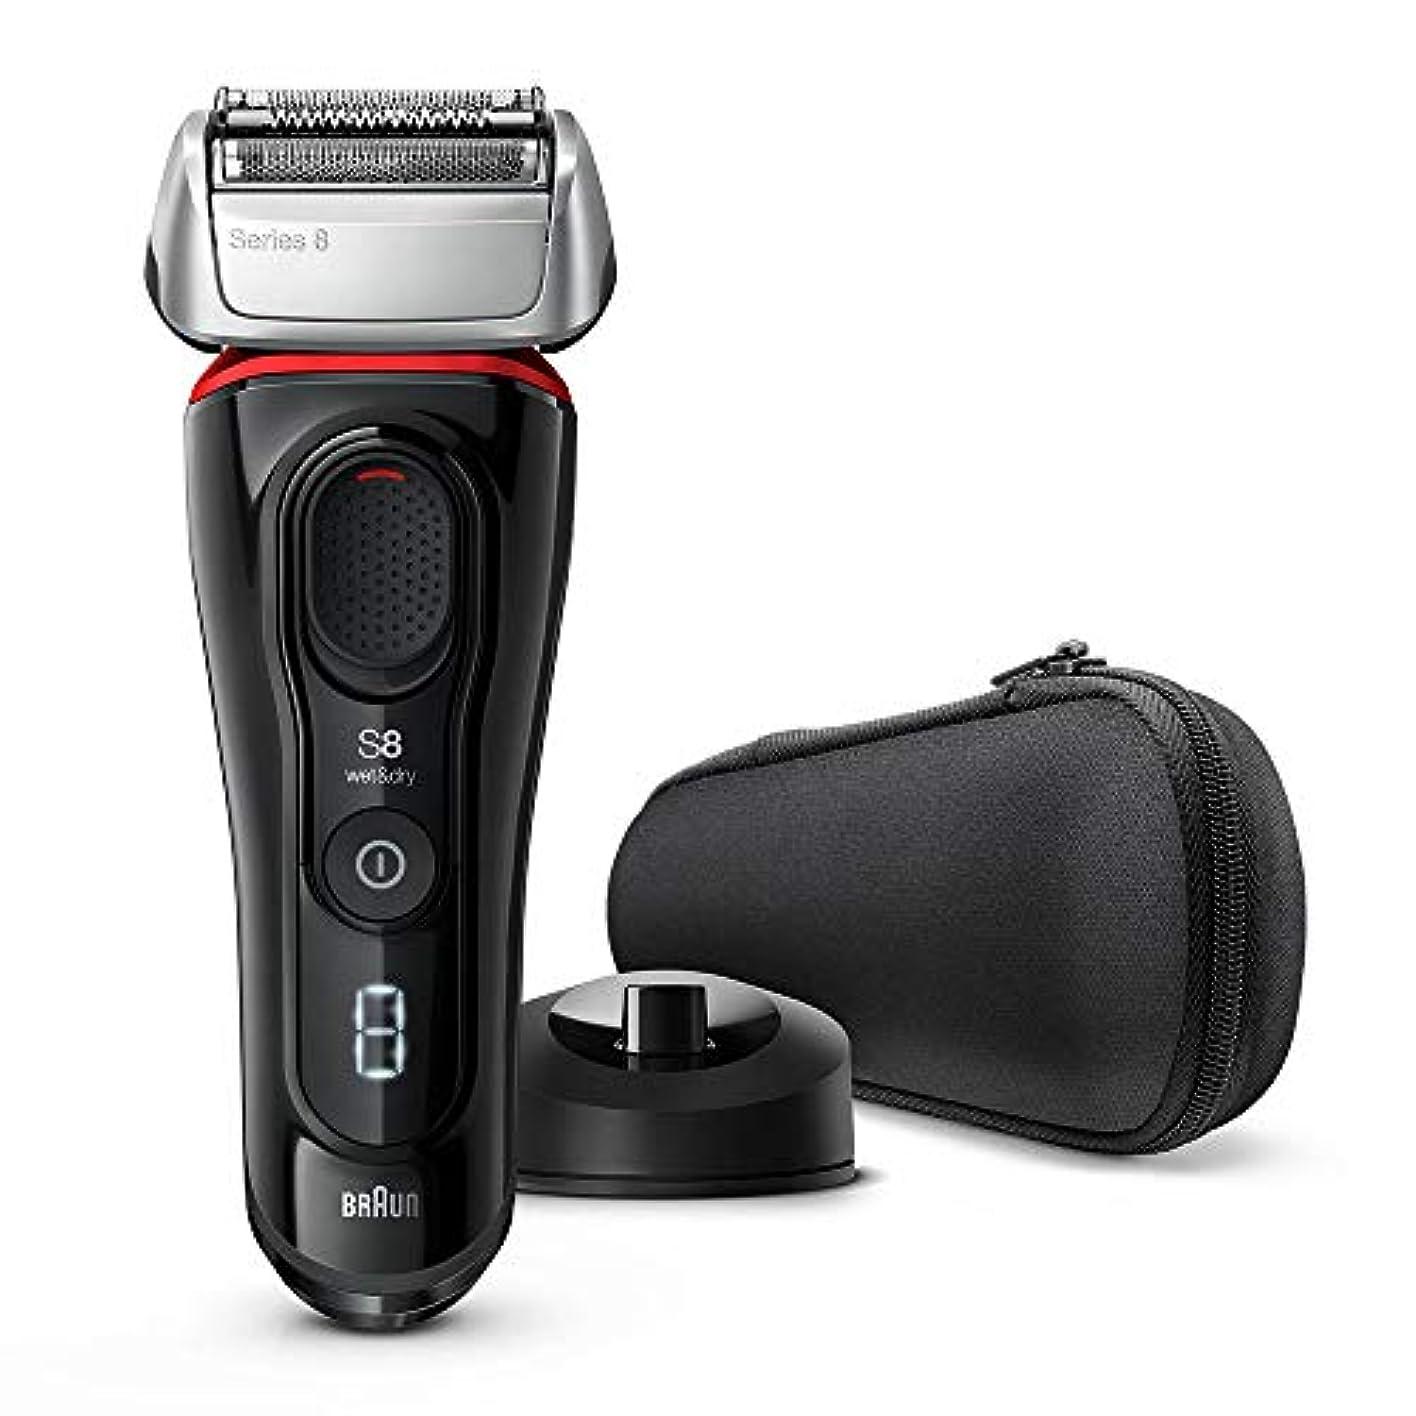 脳ポータル端【Amazon.co.jp 限定】ブラウン メンズ電気シェーバー シリーズ8 4カットシステム 水洗い/お風呂剃り可 シルバー 8340s